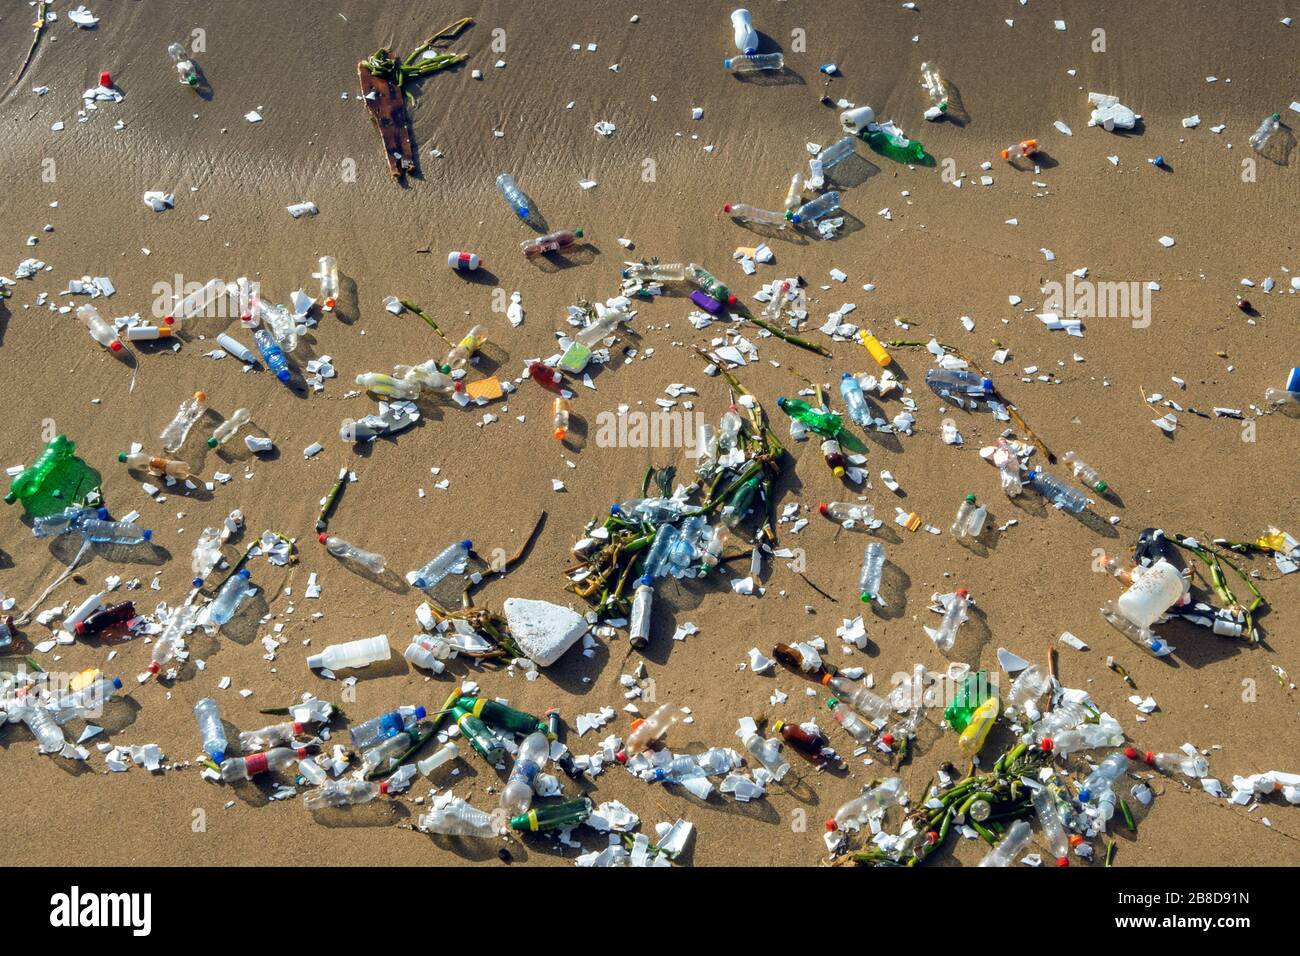 Problema de contaminación con residuos plásticos en las playas Foto de stock